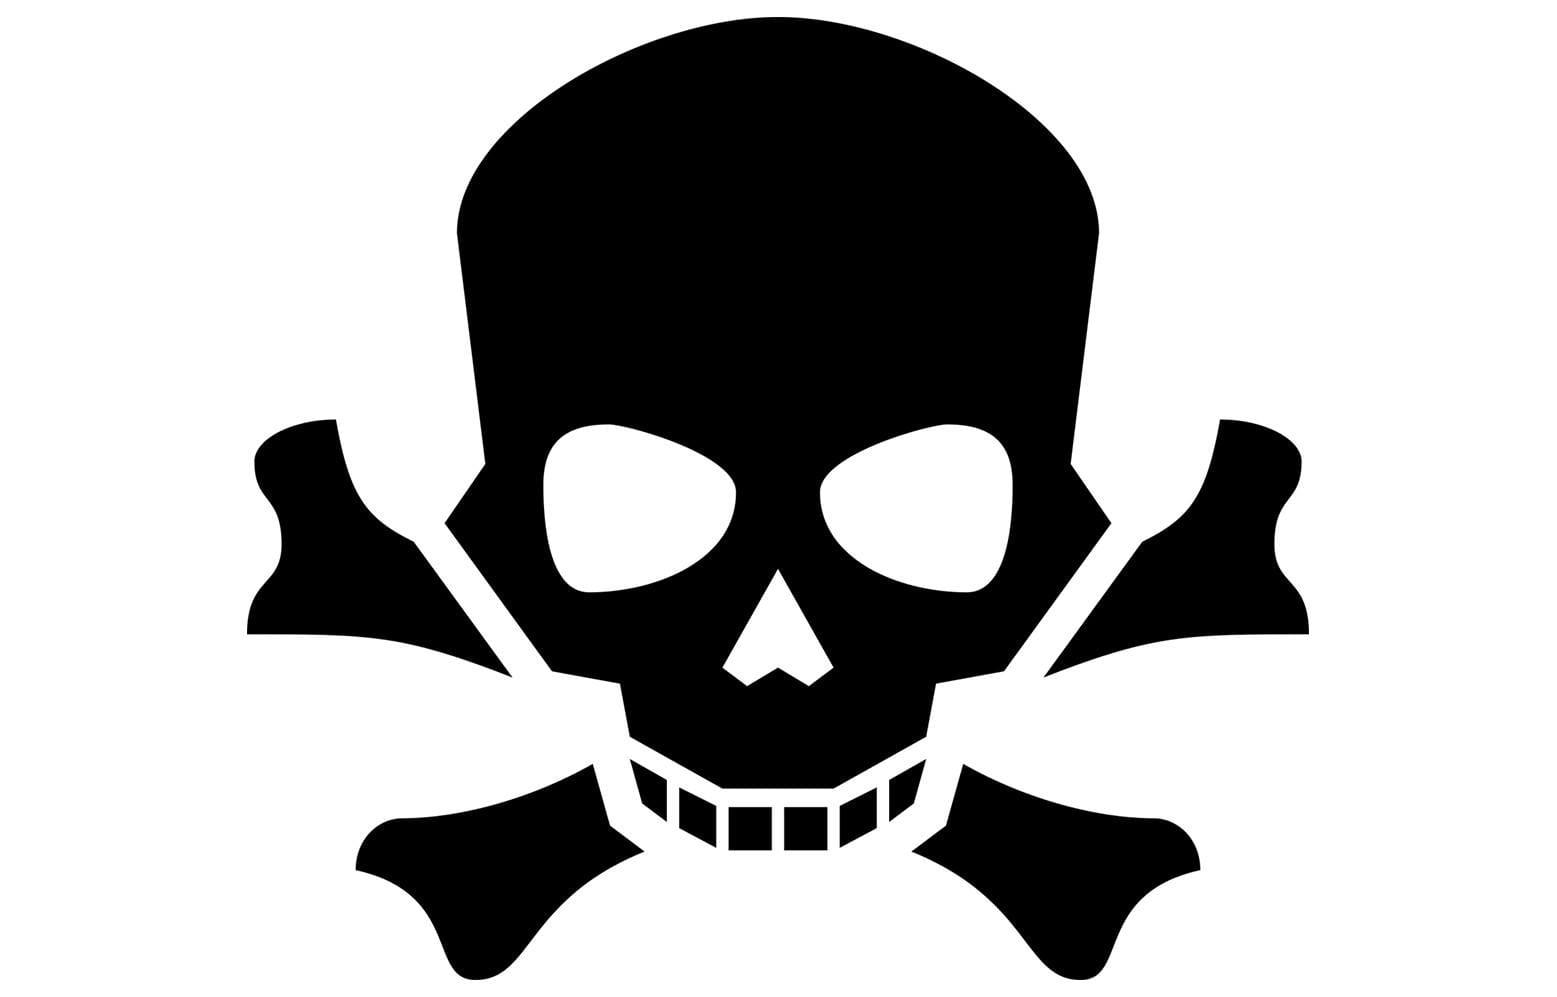 Krebs – Die 5 gefährlichsten Lebensmittel der Welt